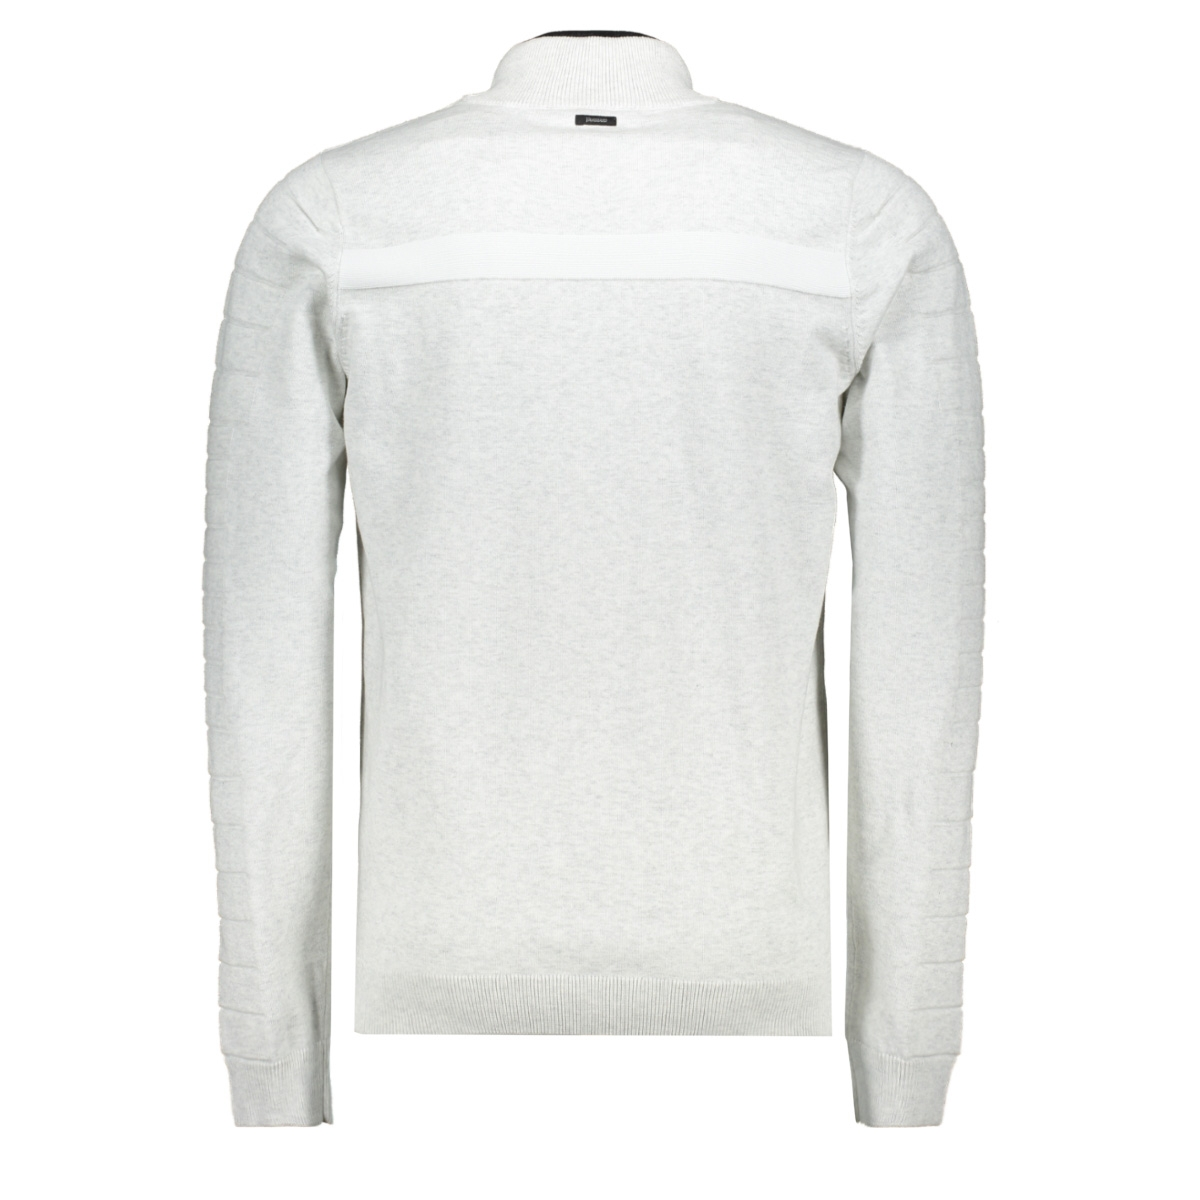 half zip pulover vkw201308 vanguard trui 910